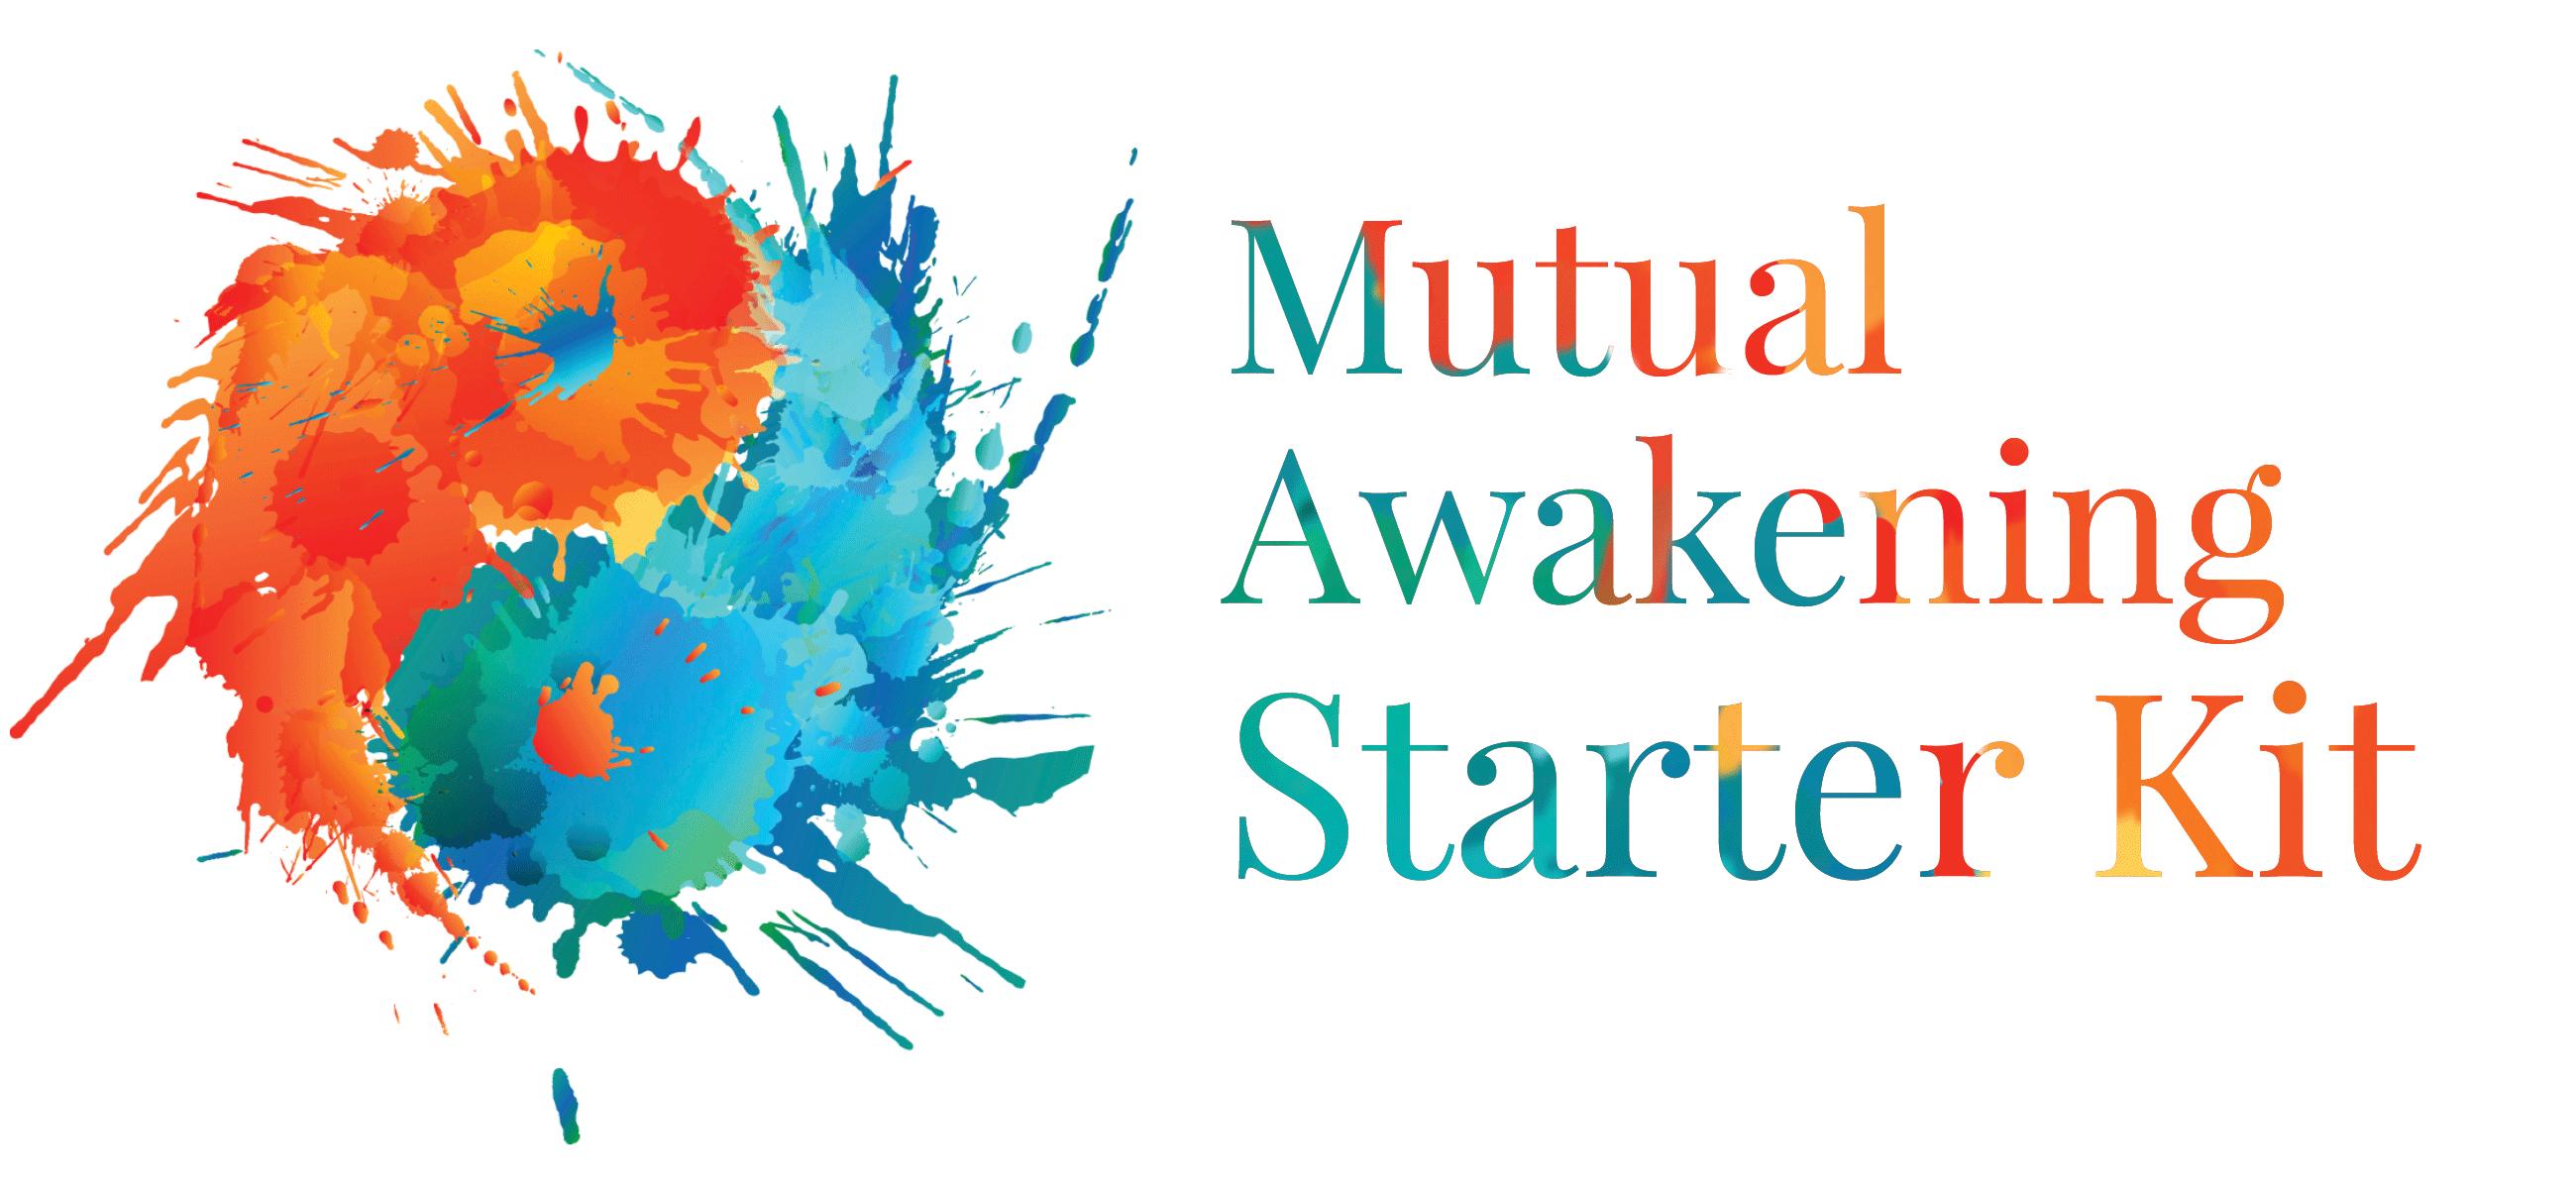 Mutual Awakening Starter Kit Banner